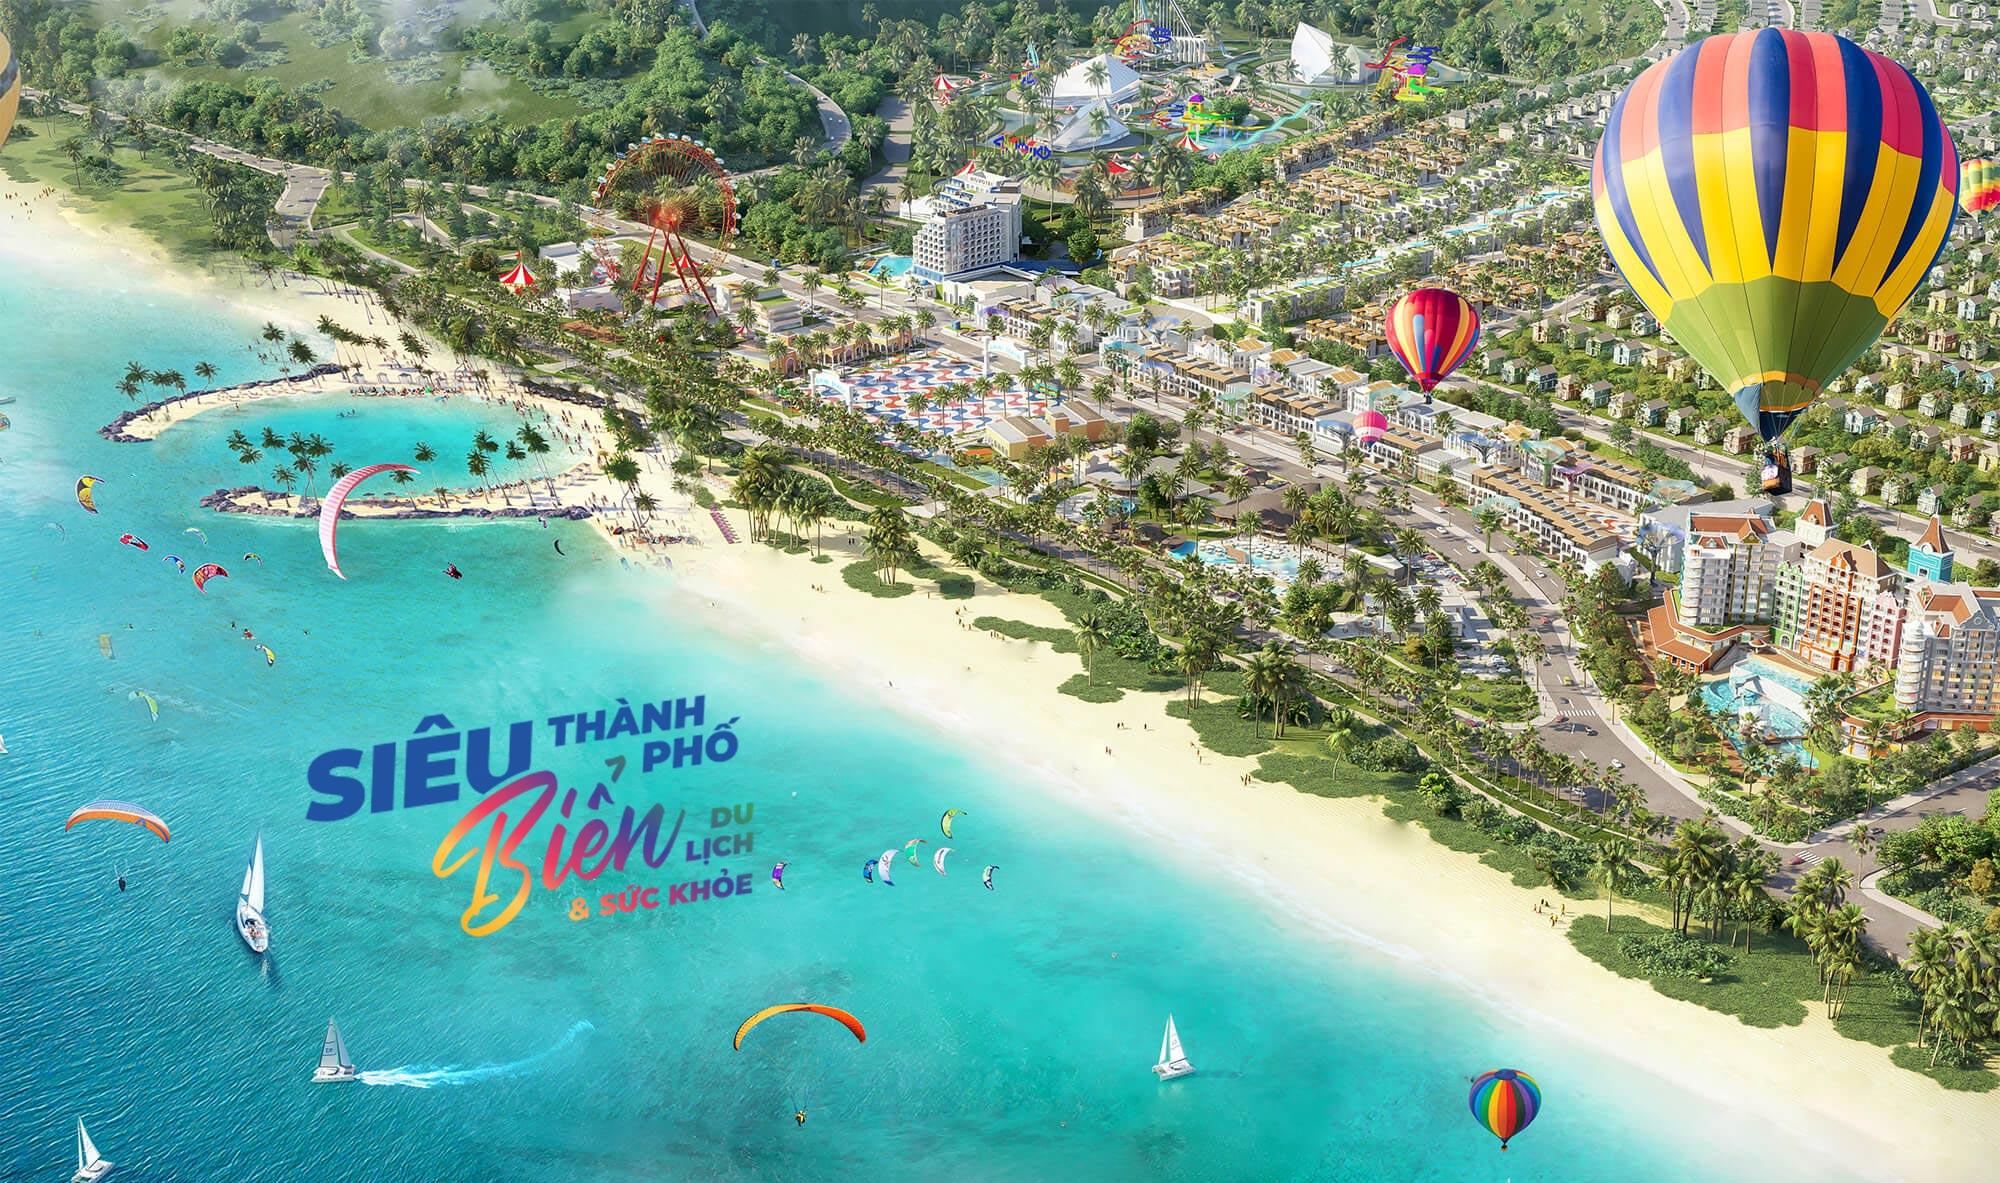 Phối cảnh siêu thành phố biển - du lịch - sức khoẻNovaWorld Phan Thiết